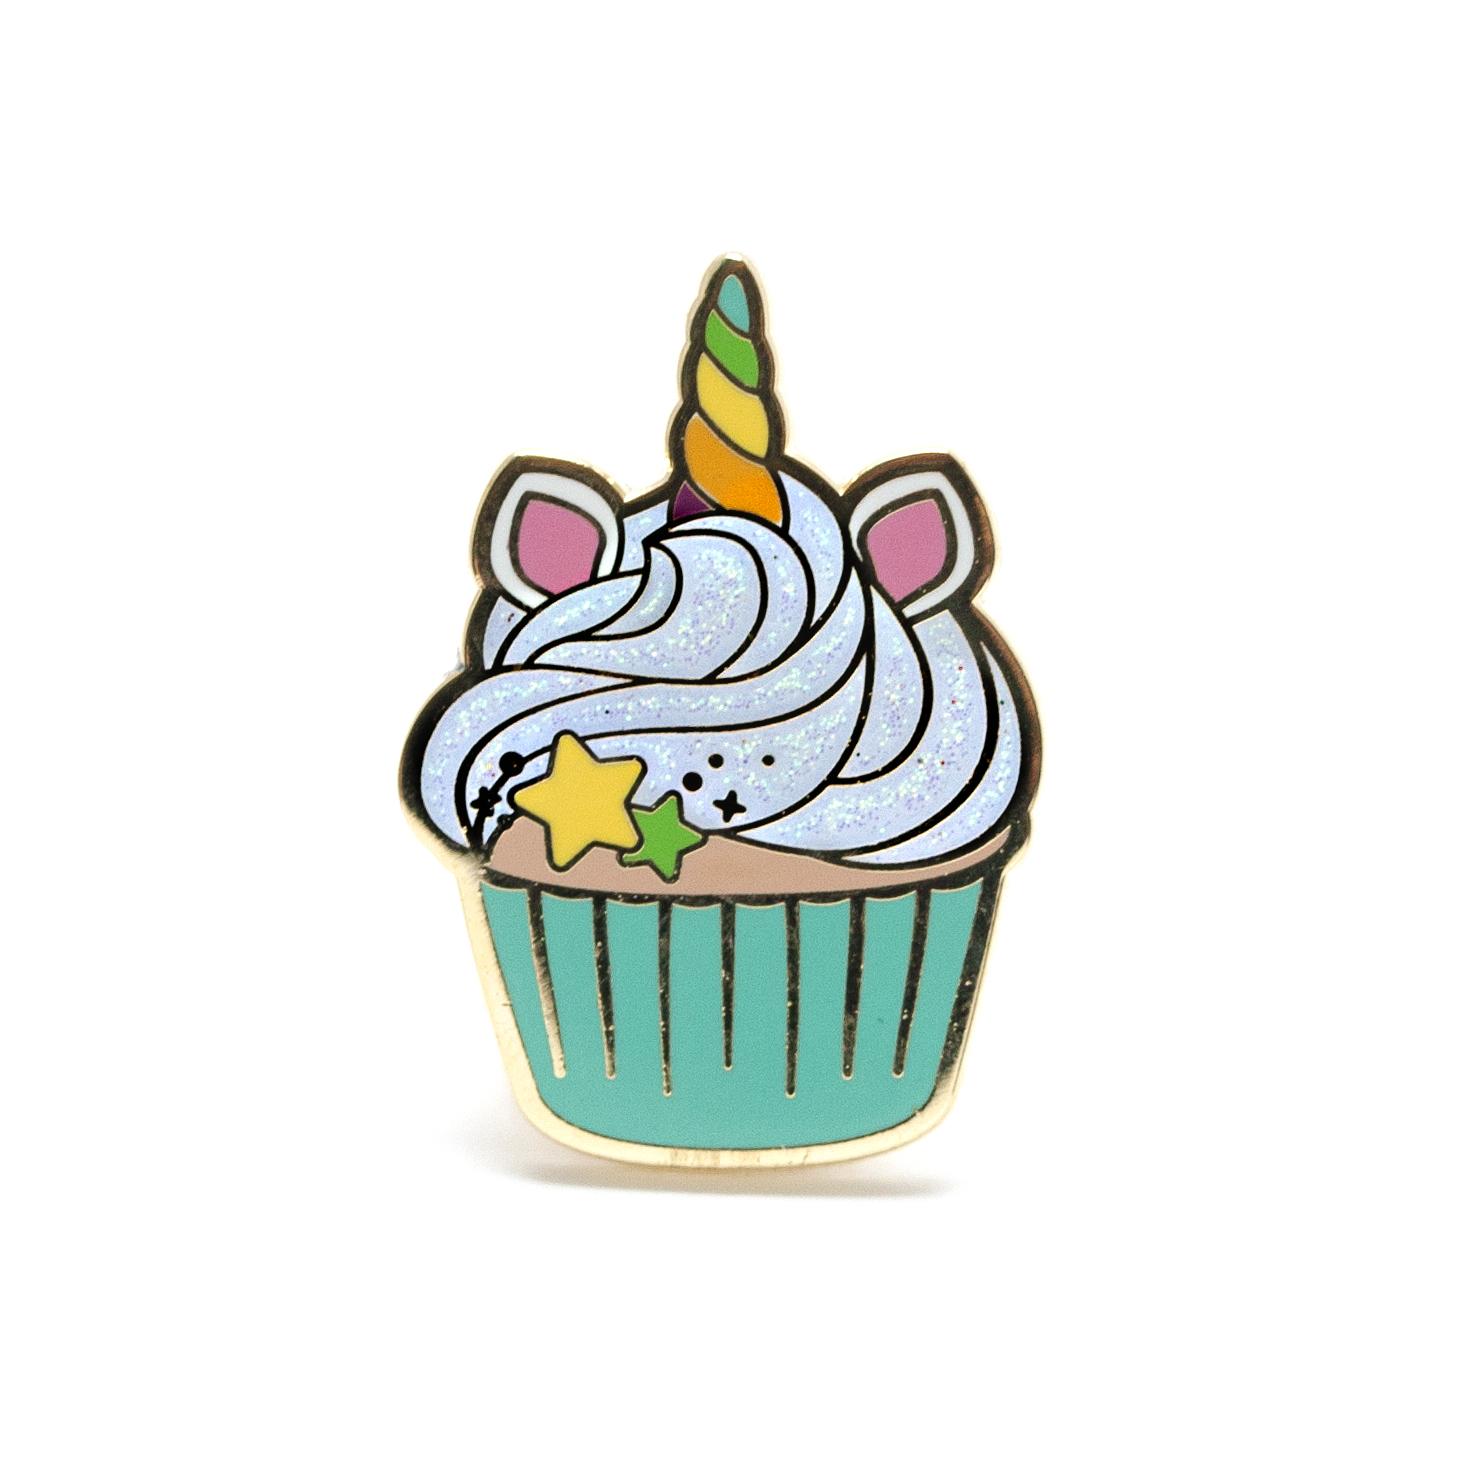 Unicorn Cupcake Enamel Pin — LuxCups Creative